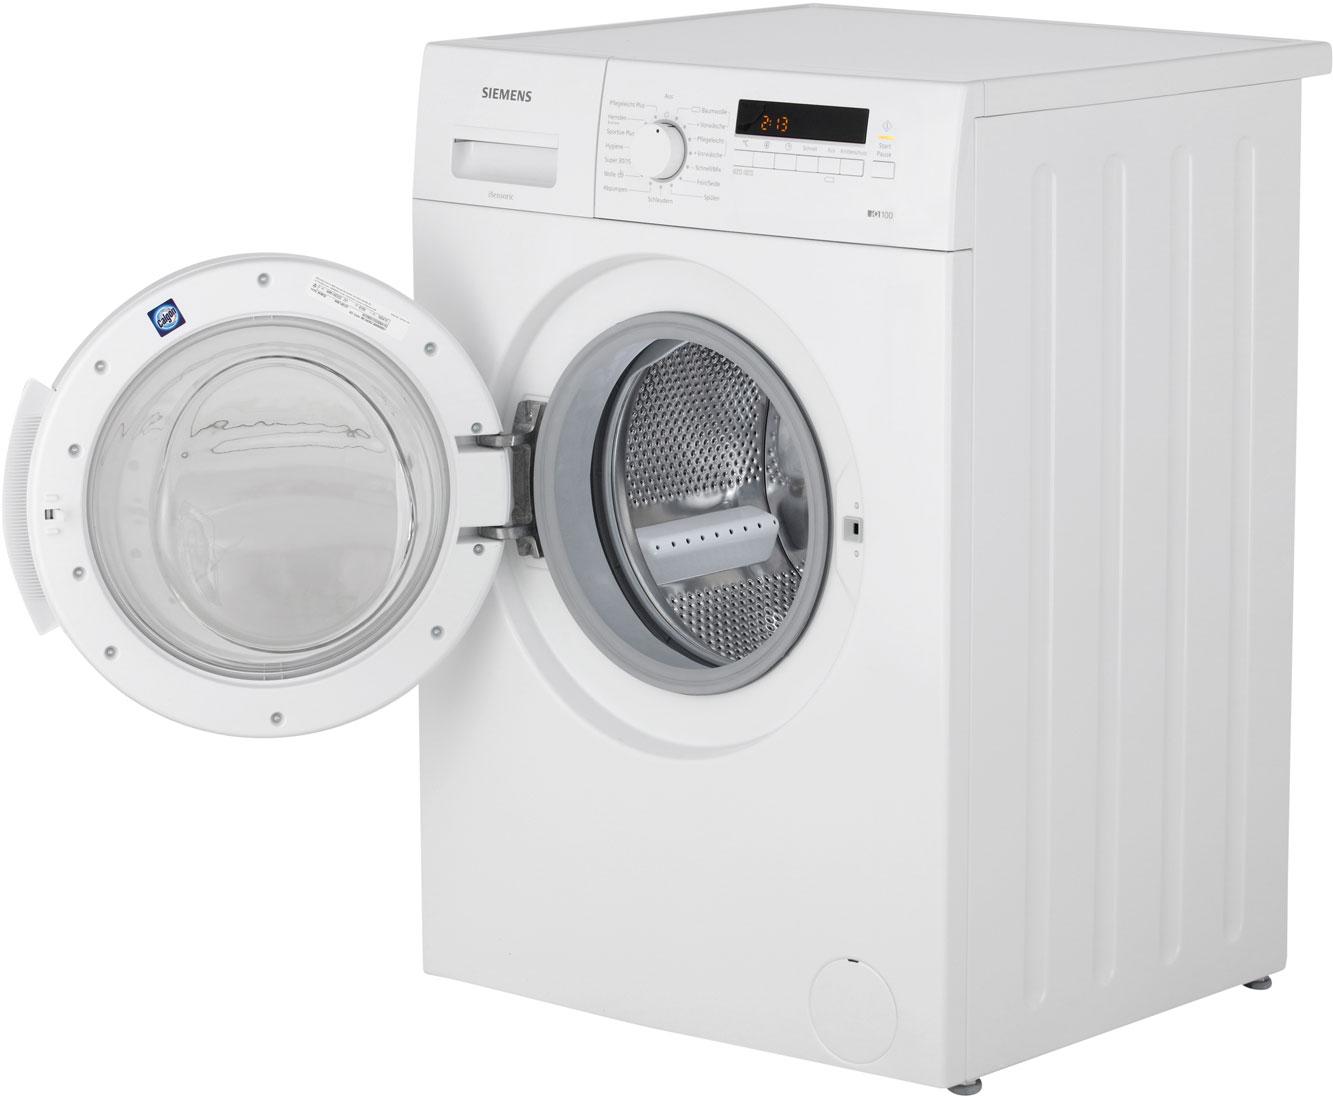 Waschmaschine in küche anschließen. l küche mit theke fußleiste ikea